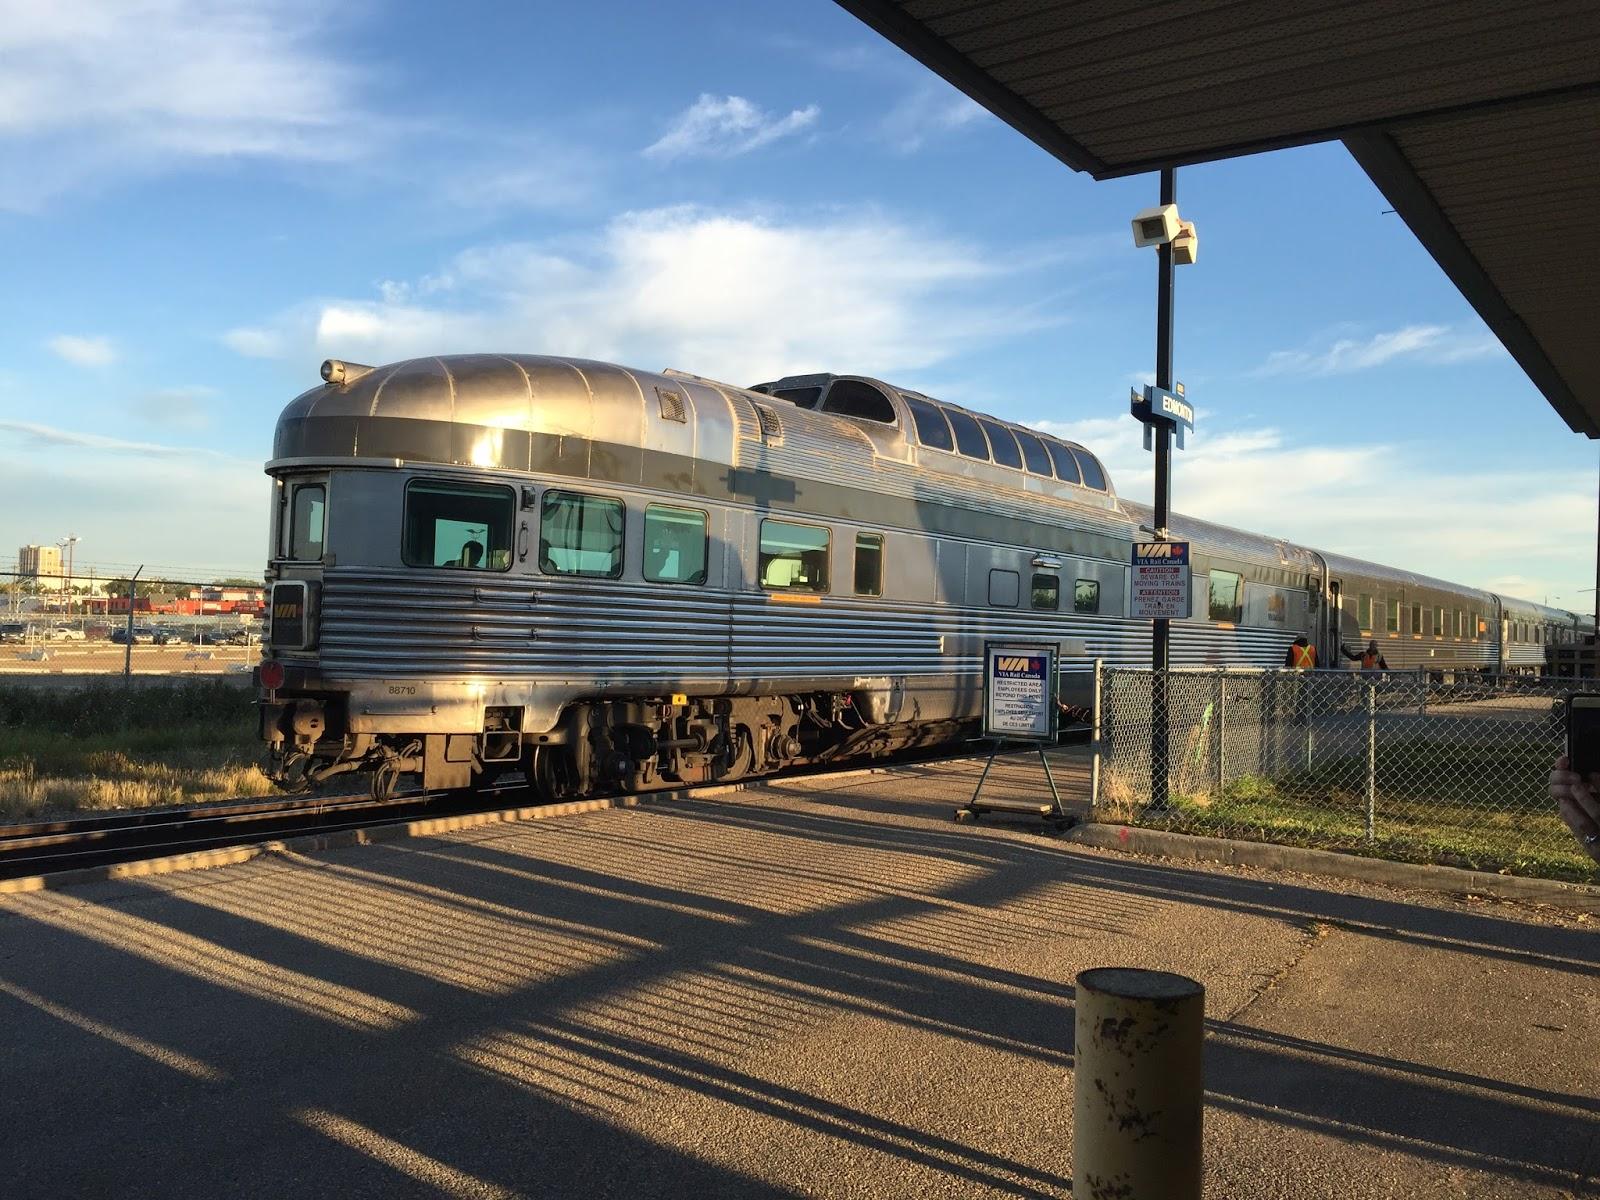 A train ride essay